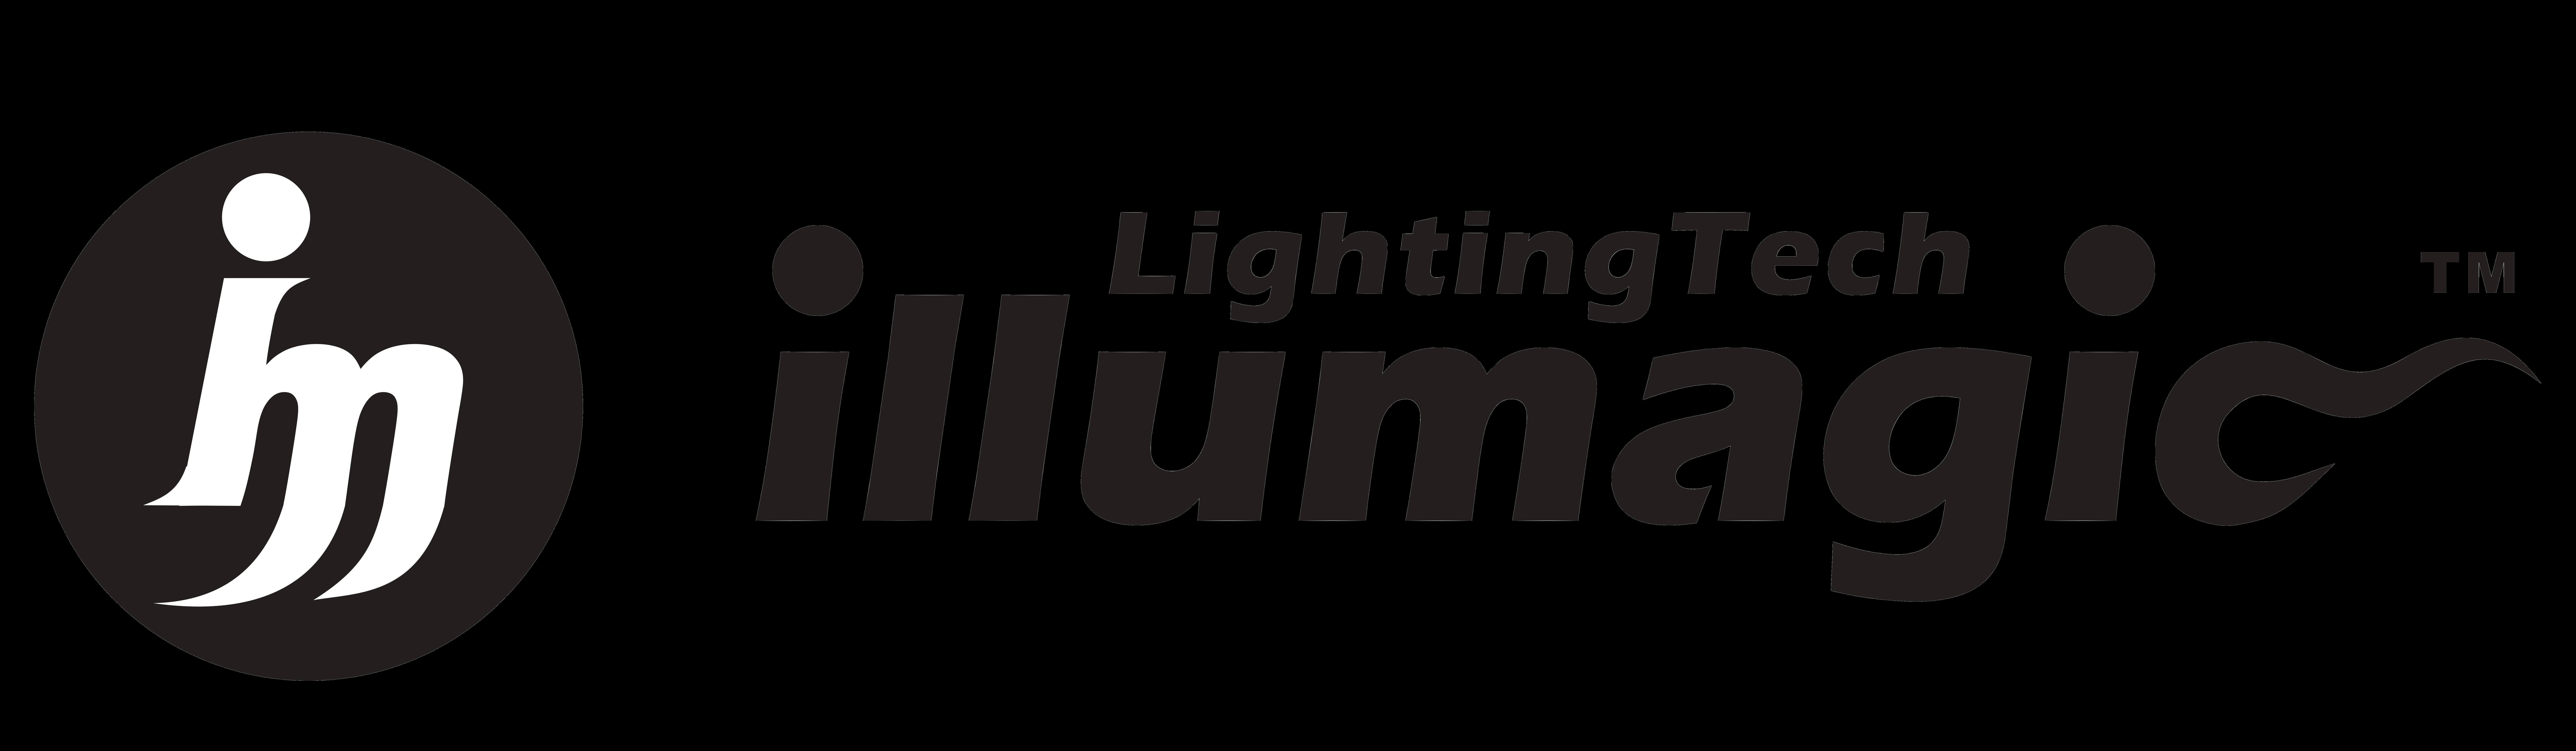 illumagic Opto- Aquarium LED lighting manufacuturer.